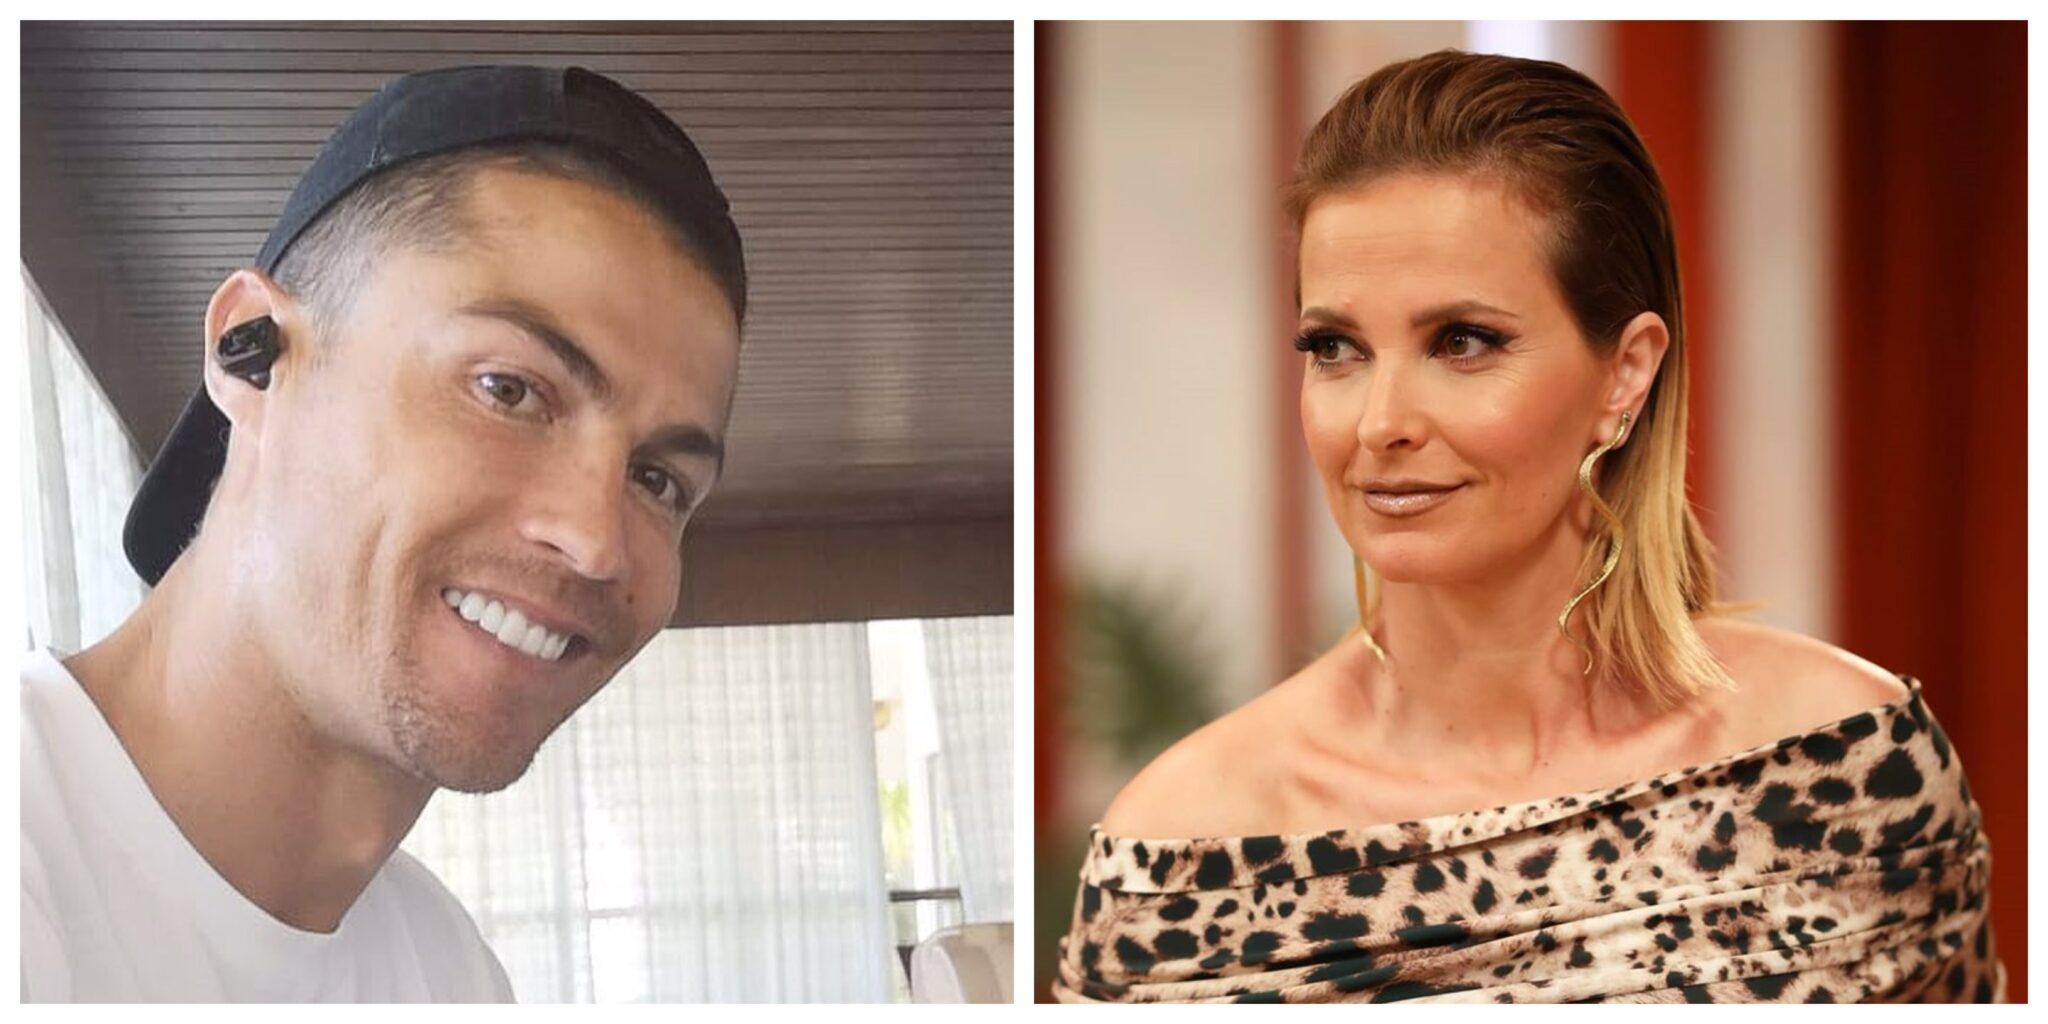 Cristianoronaldo E Cristinaferreira Scaled Cristiano Ronaldo E Cristina Ferreira Eleitos Os Portugueses Com Mais Notoriedade